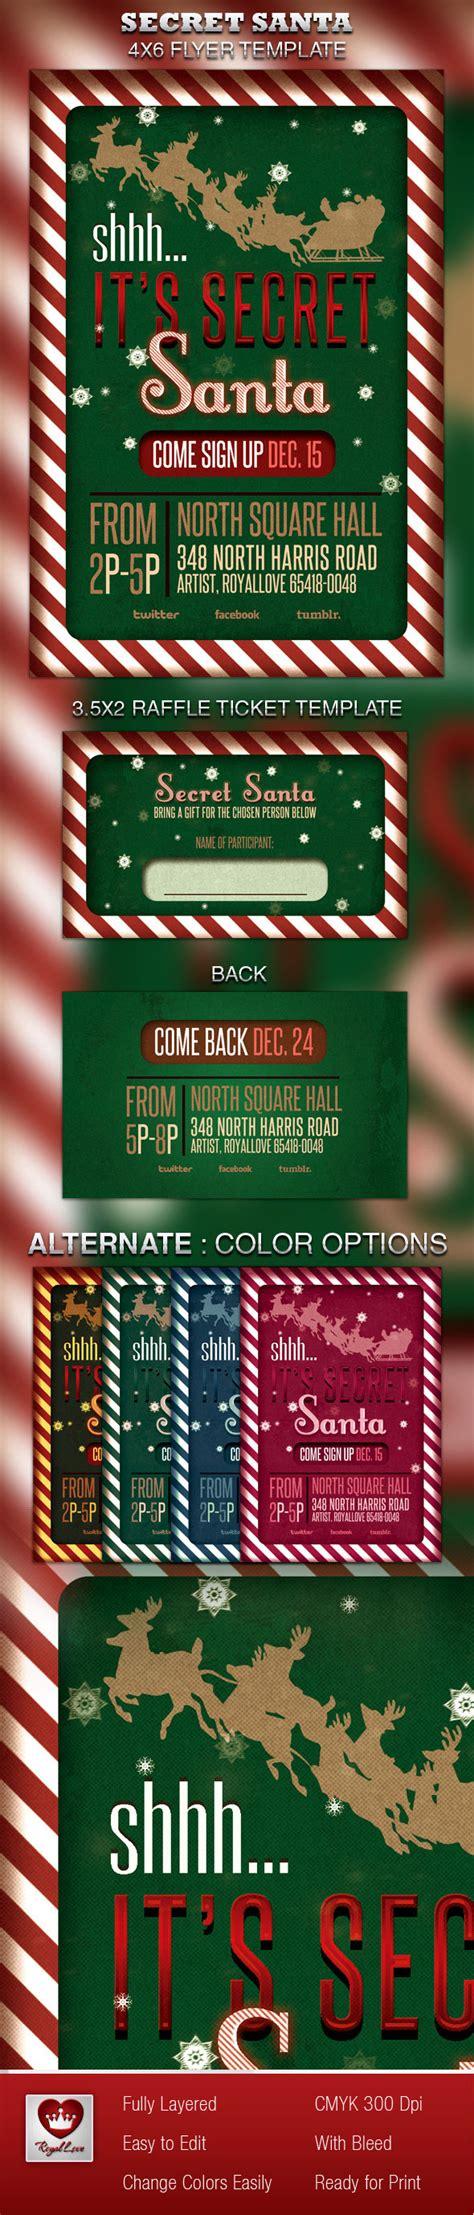 Secret Santa Flyer Raffle Ticket On Behance Secret Santa Flyer Templates